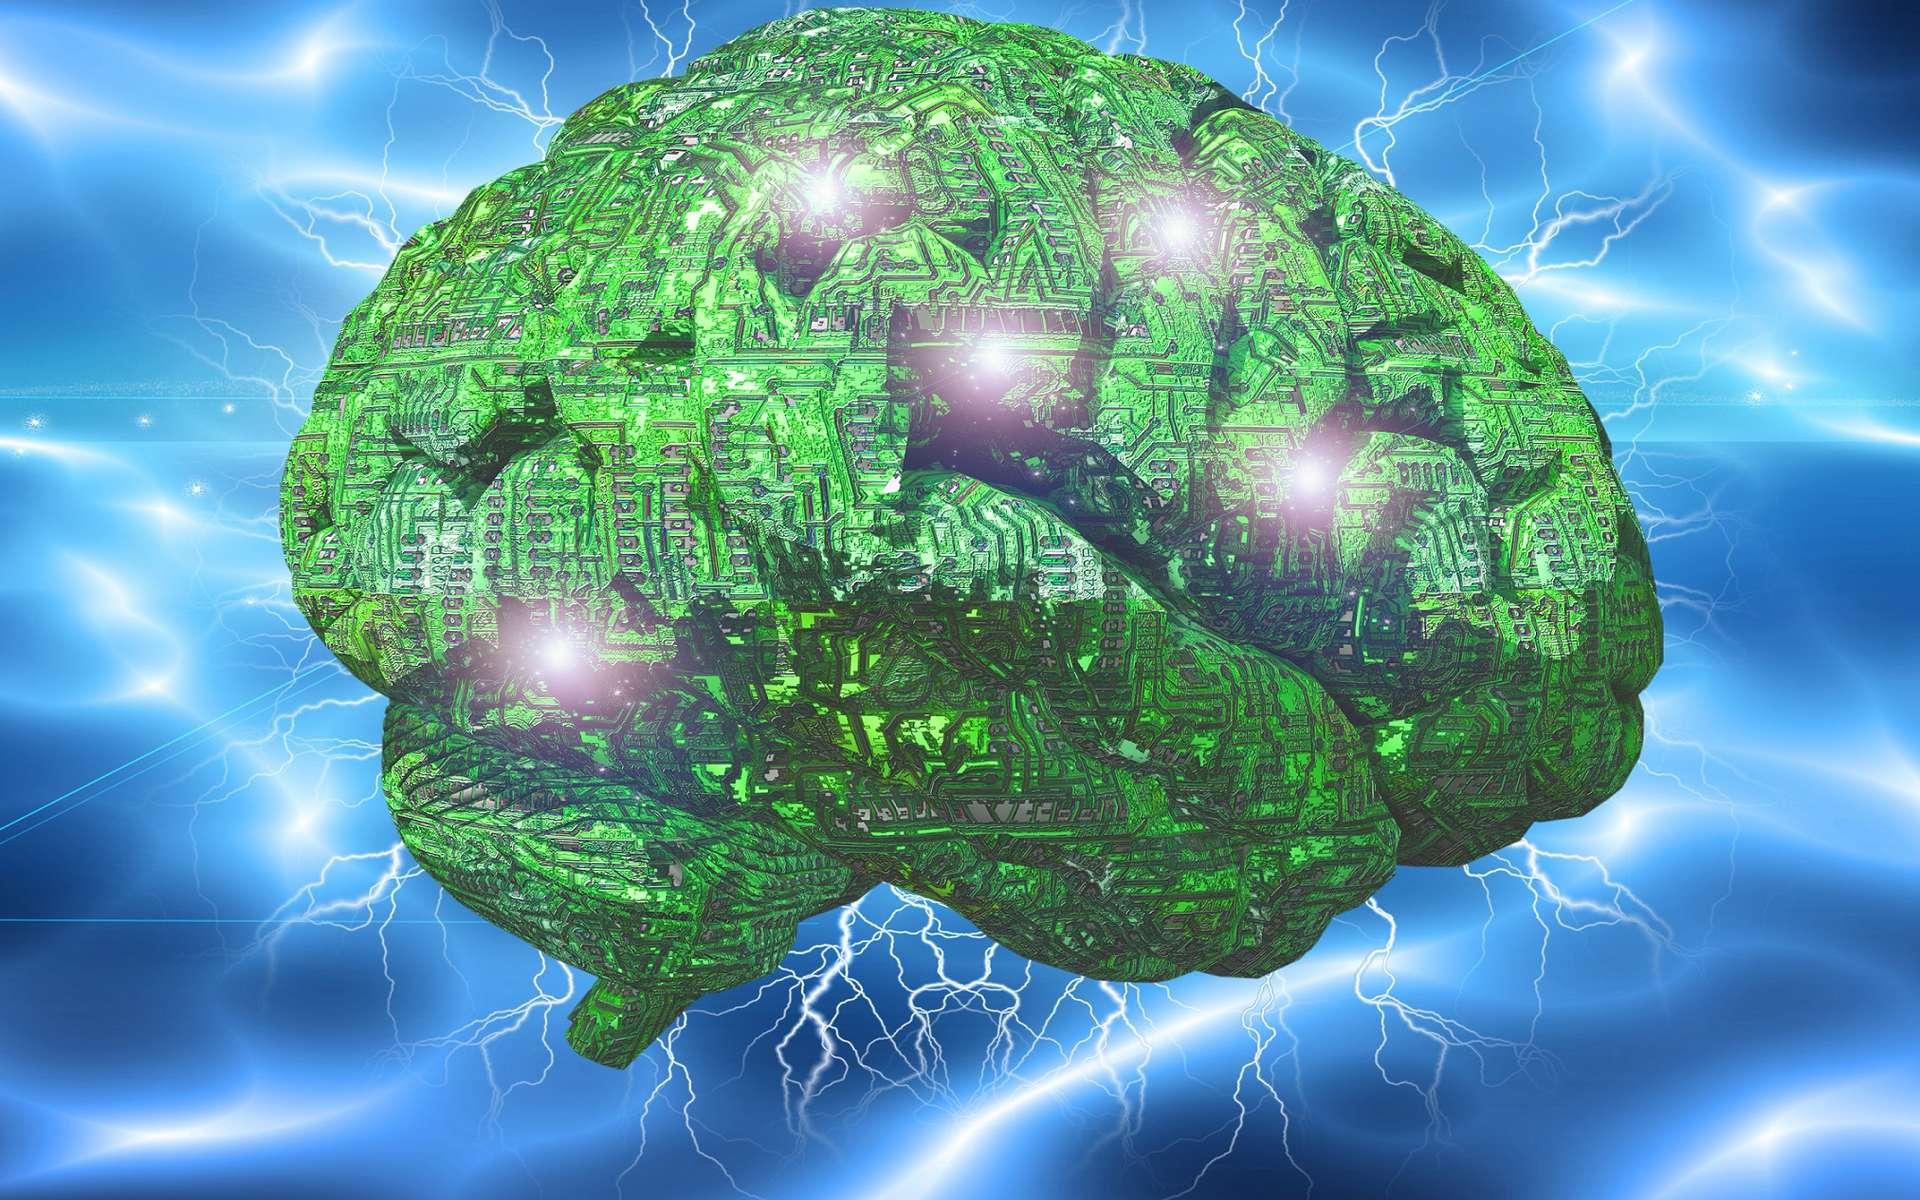 Un gros cerveau, avantage ou inconvénient? © Bruce Rolff, Shutterstock